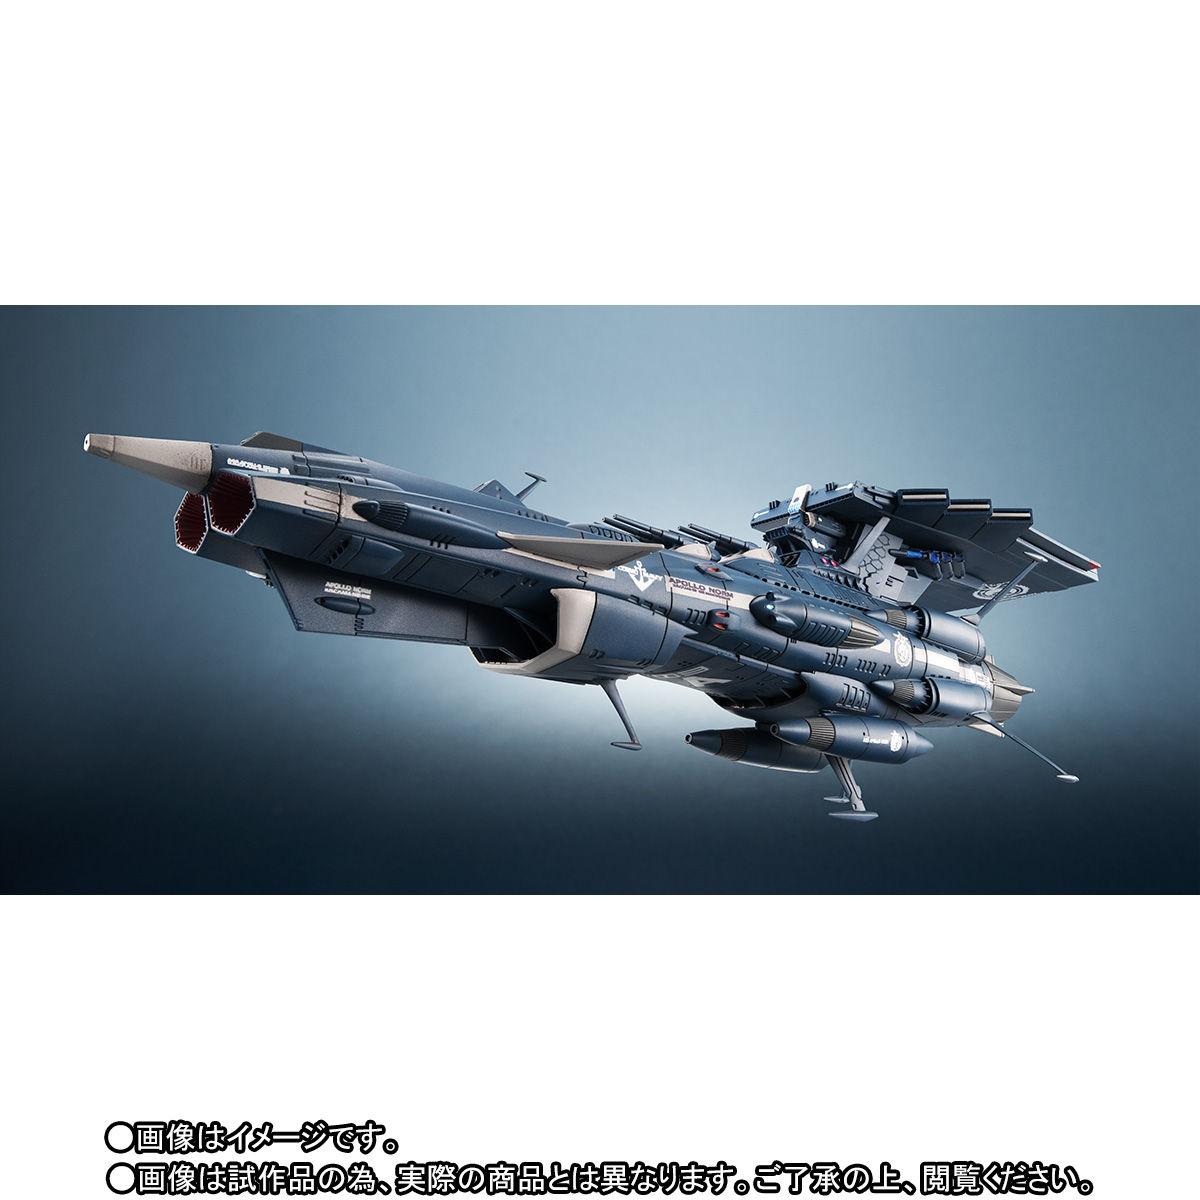 輝艦大全『地球連邦アンドロメダ級三番艦 アポロノーム 宇宙戦艦ヤマト2202』1/2000 完成品モデル-002